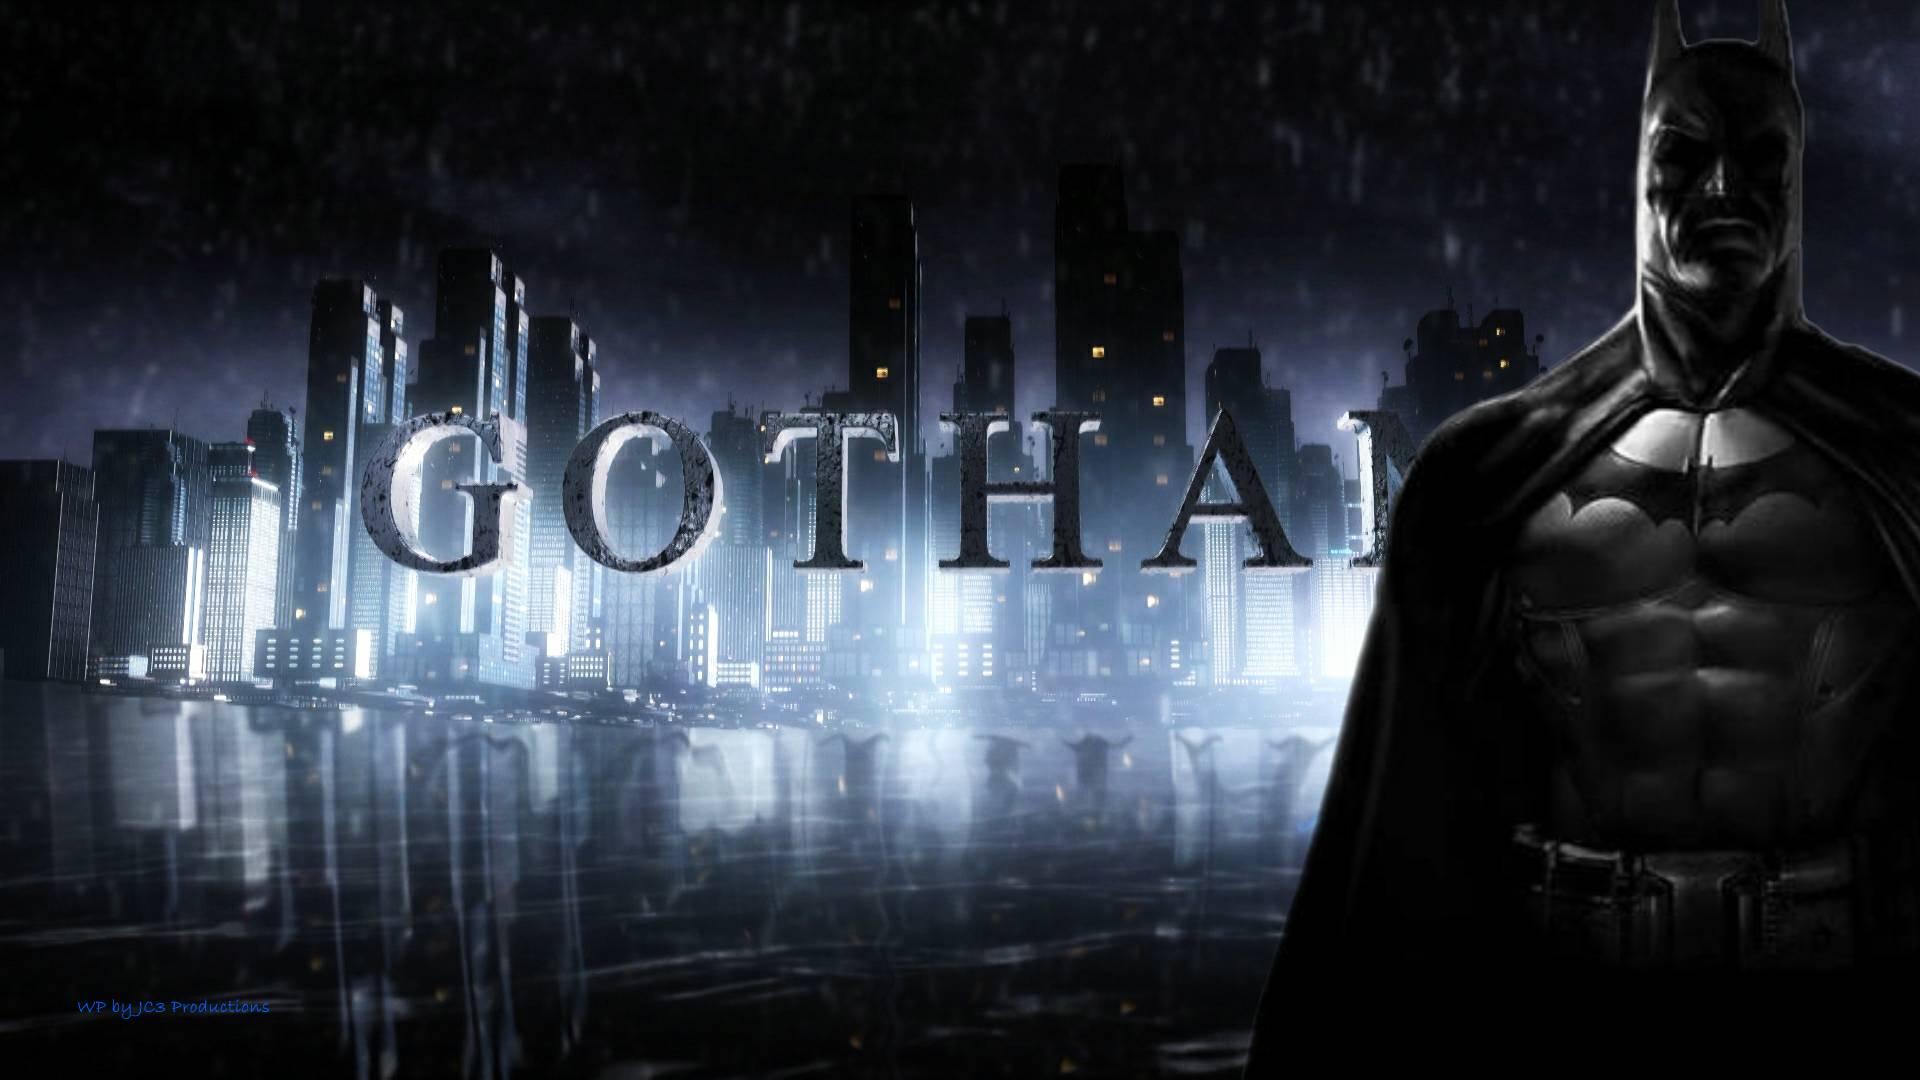 Batman Gotham City Batman Wallpaper 40961803 Fanpop